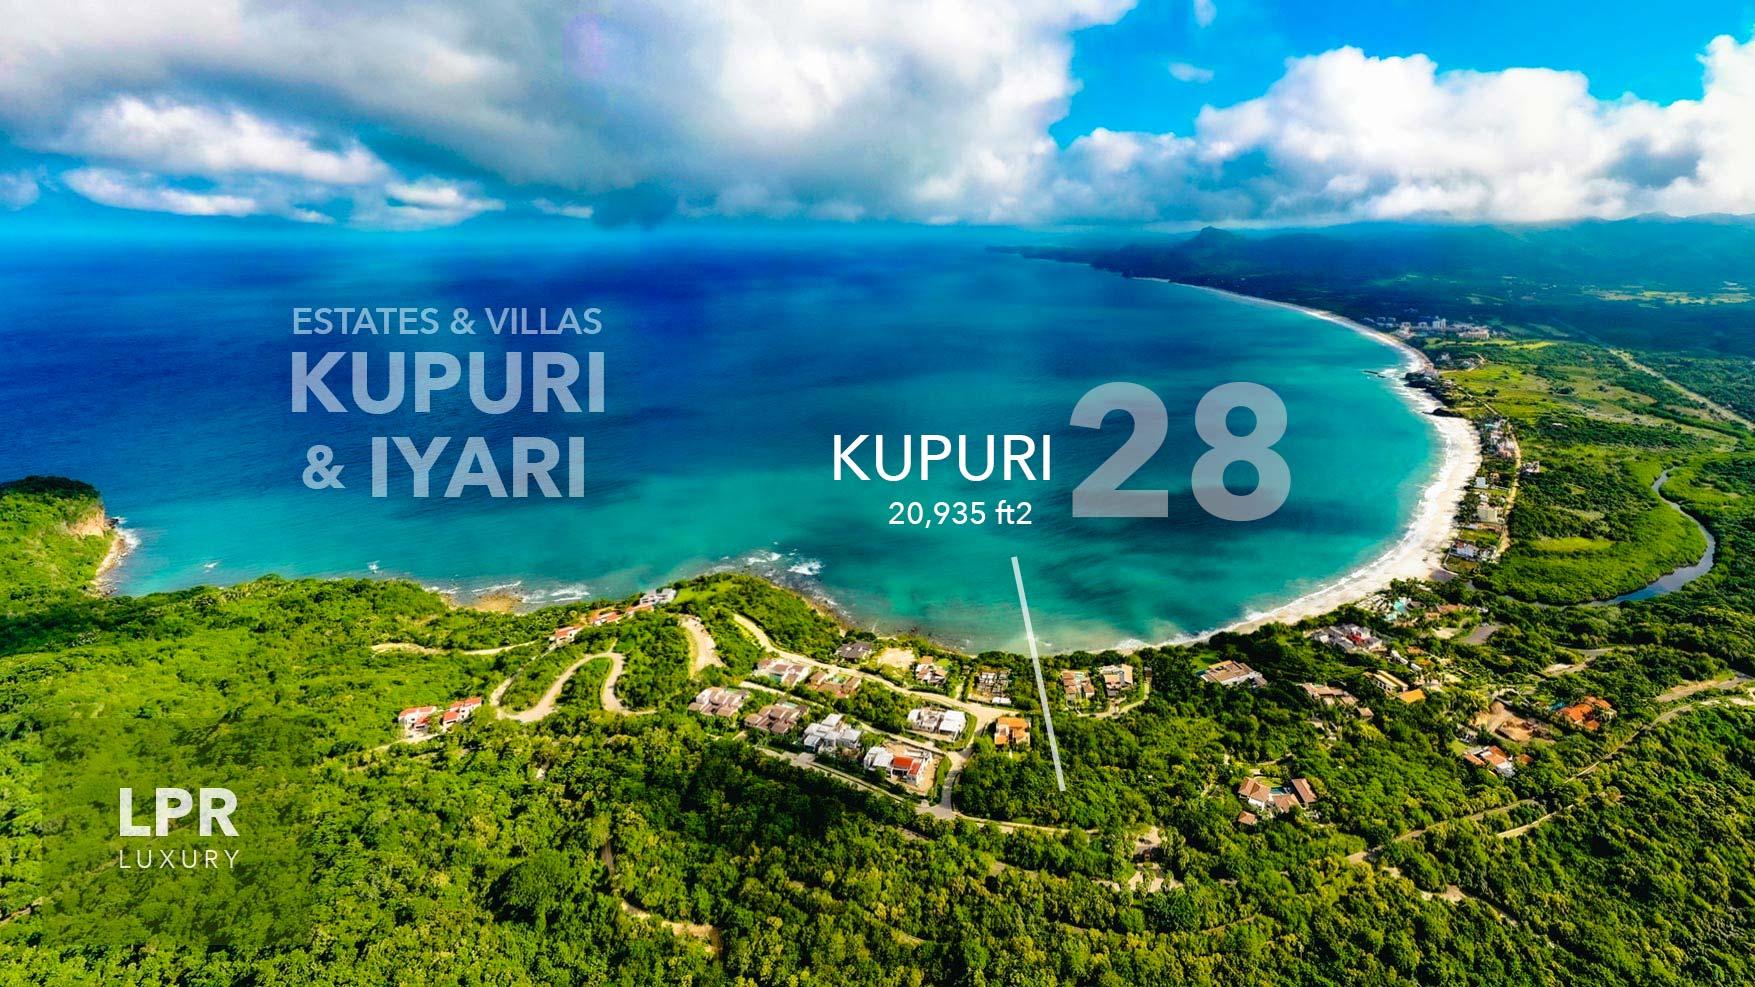 Kupuri Estates lot 28 at the Punta Mita Resort, Riviera Nayarit, Mexico